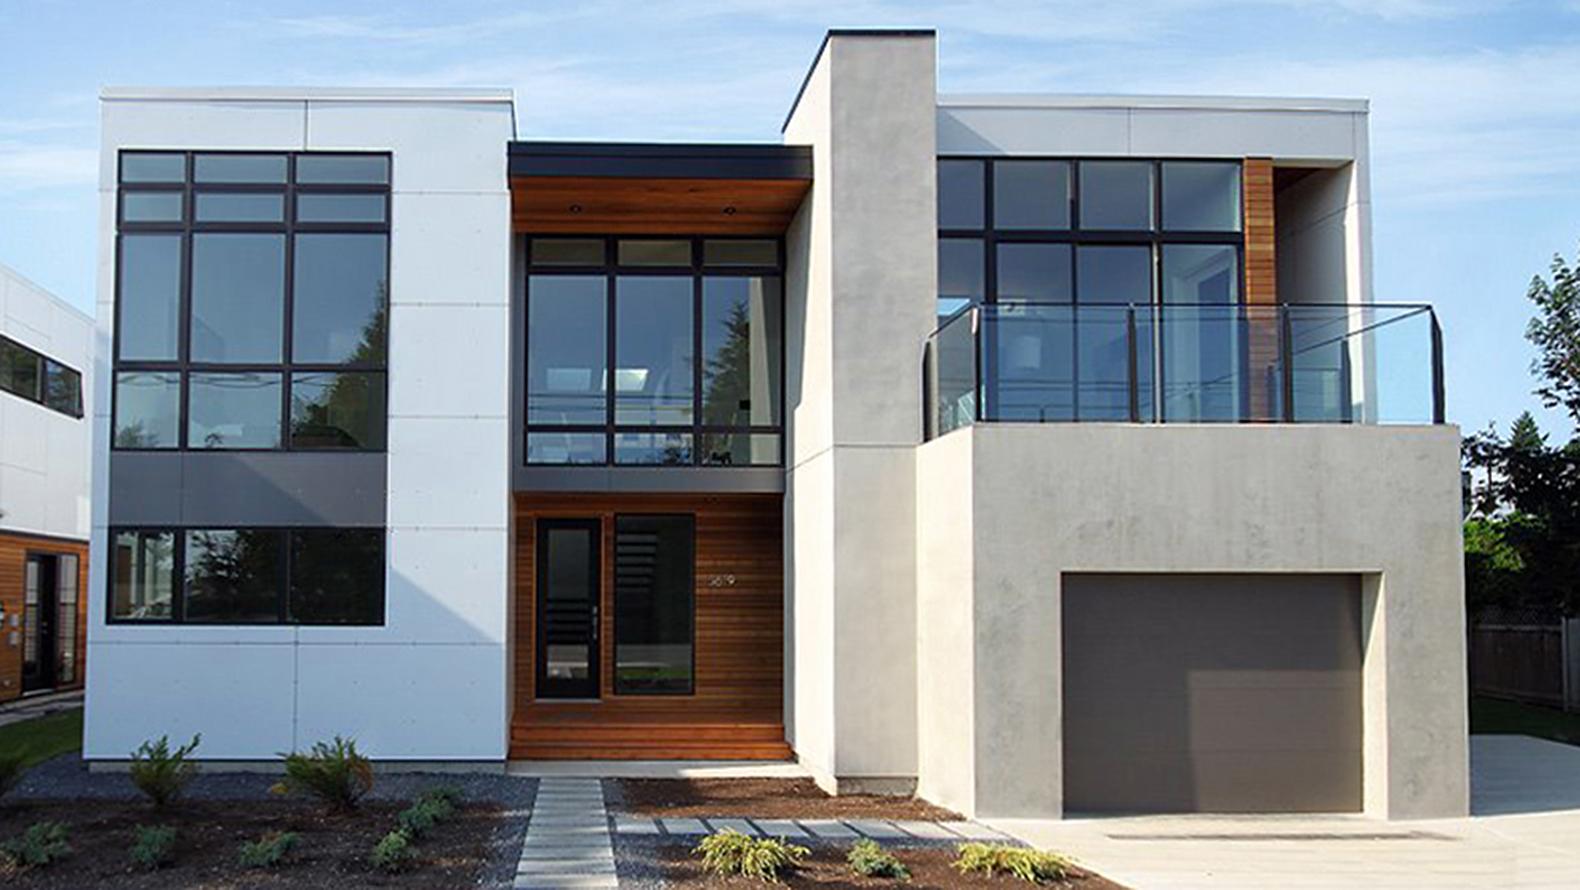 Casas prefabricadas precios de venta y fotos 2018 for 250000 dollar house